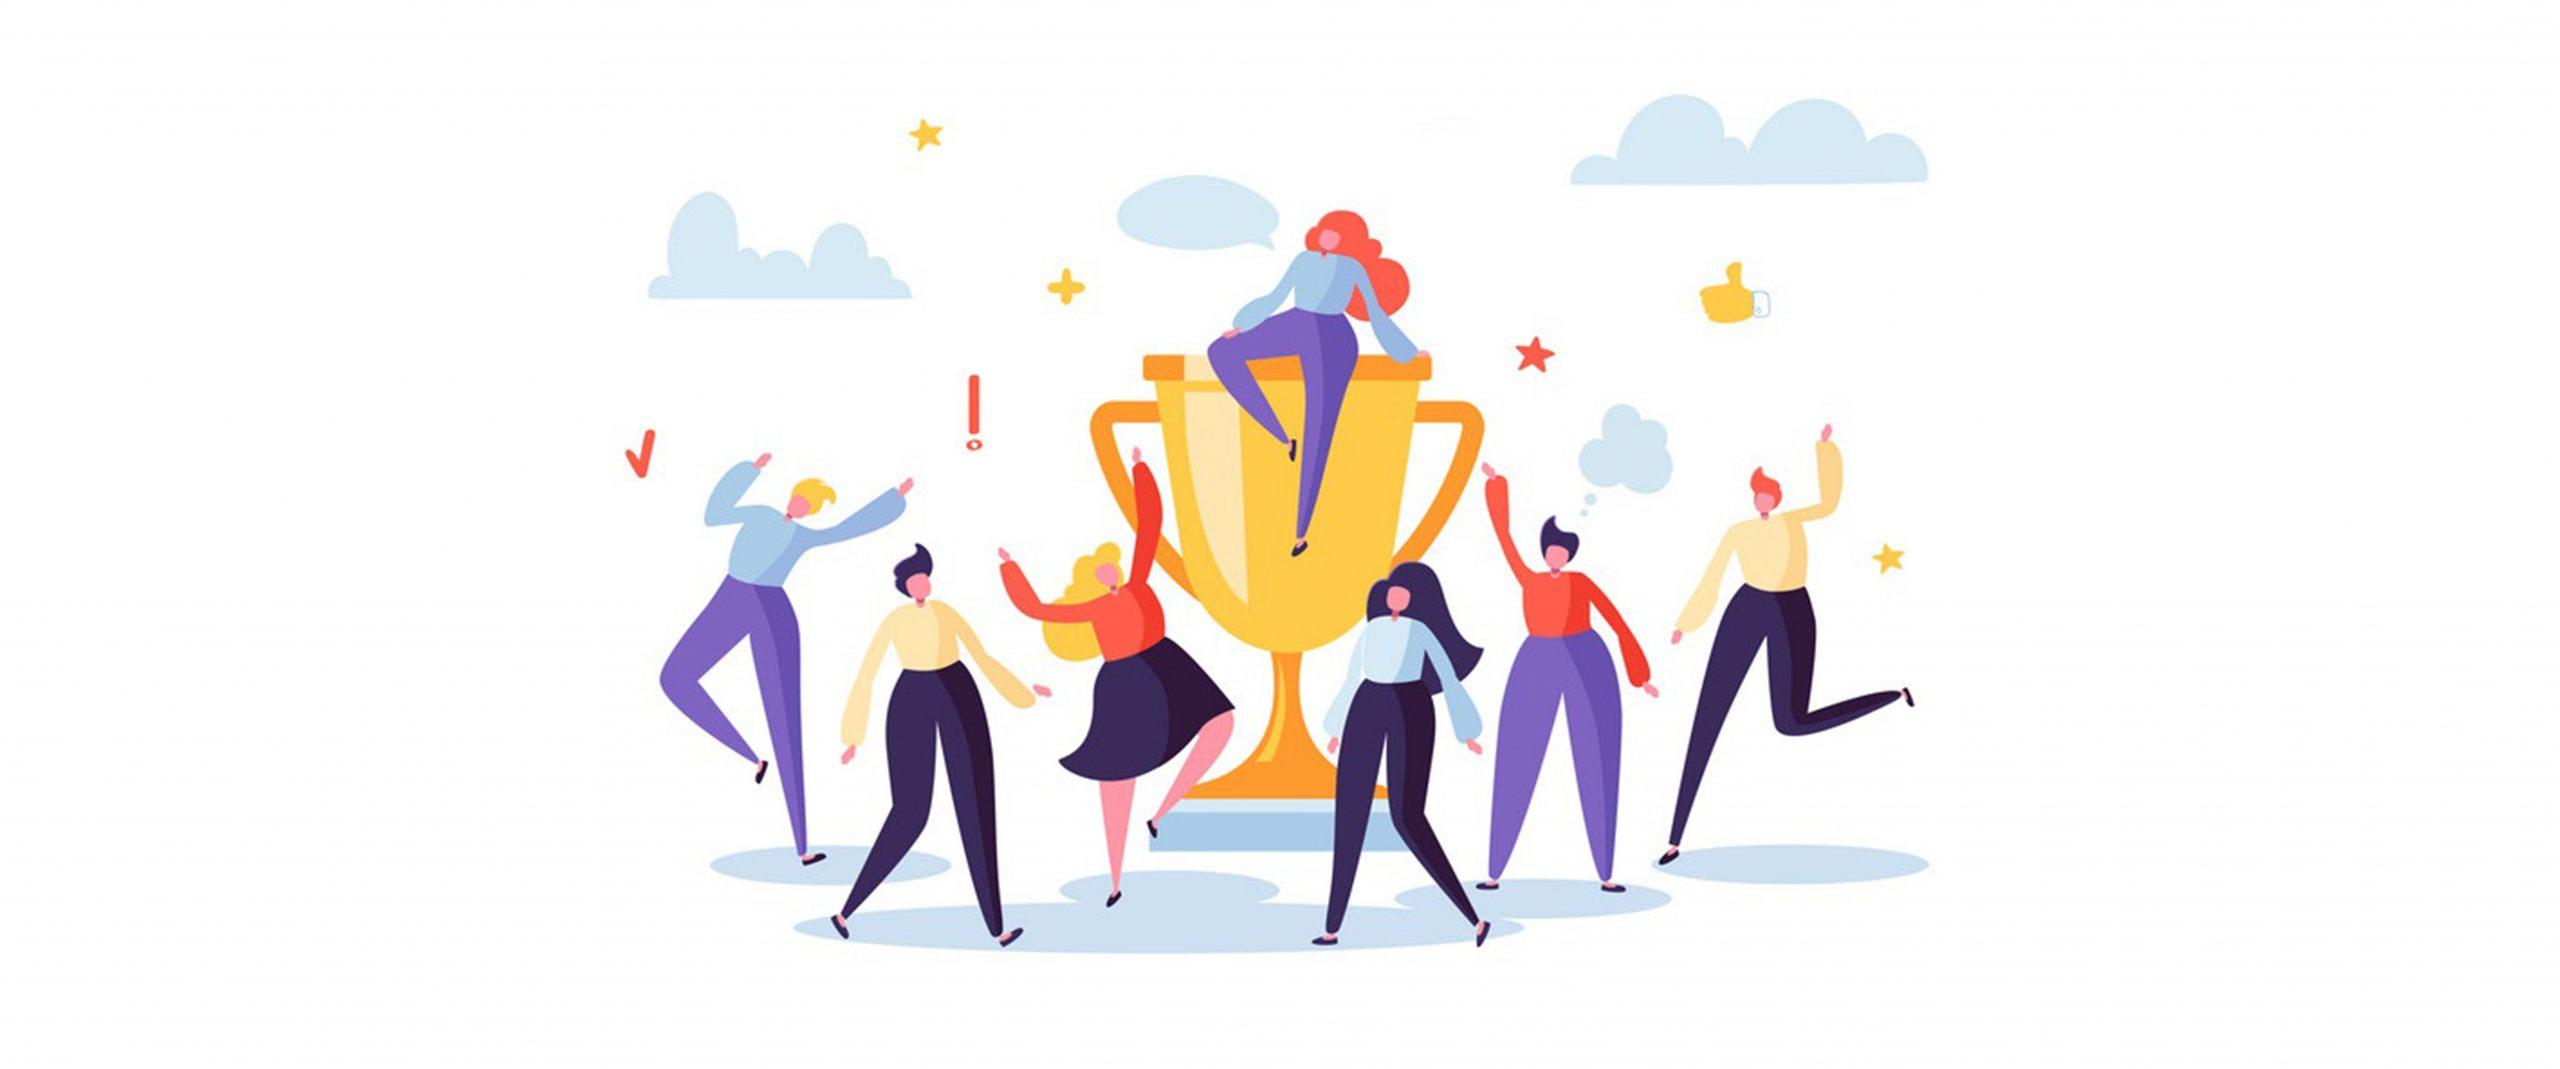 درنظر گرفتن جایزه برای کارکنان